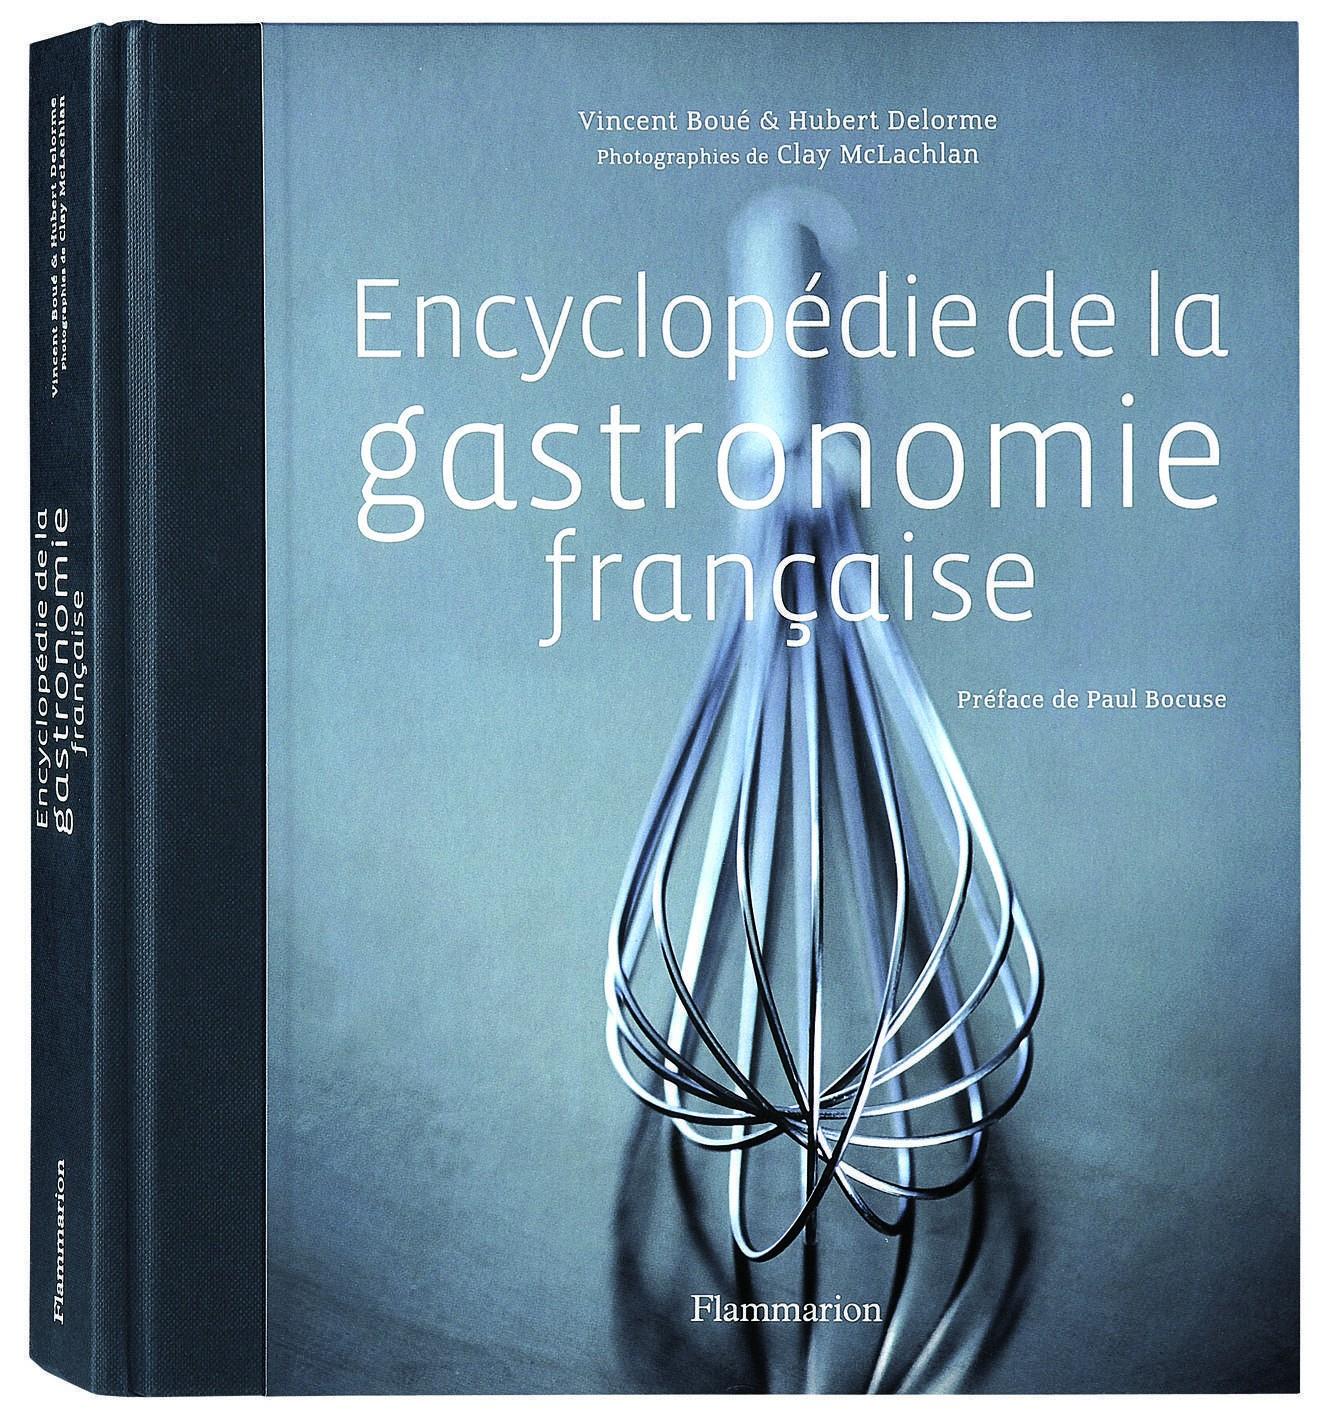 Encyclopédie de la gastronomie Française.